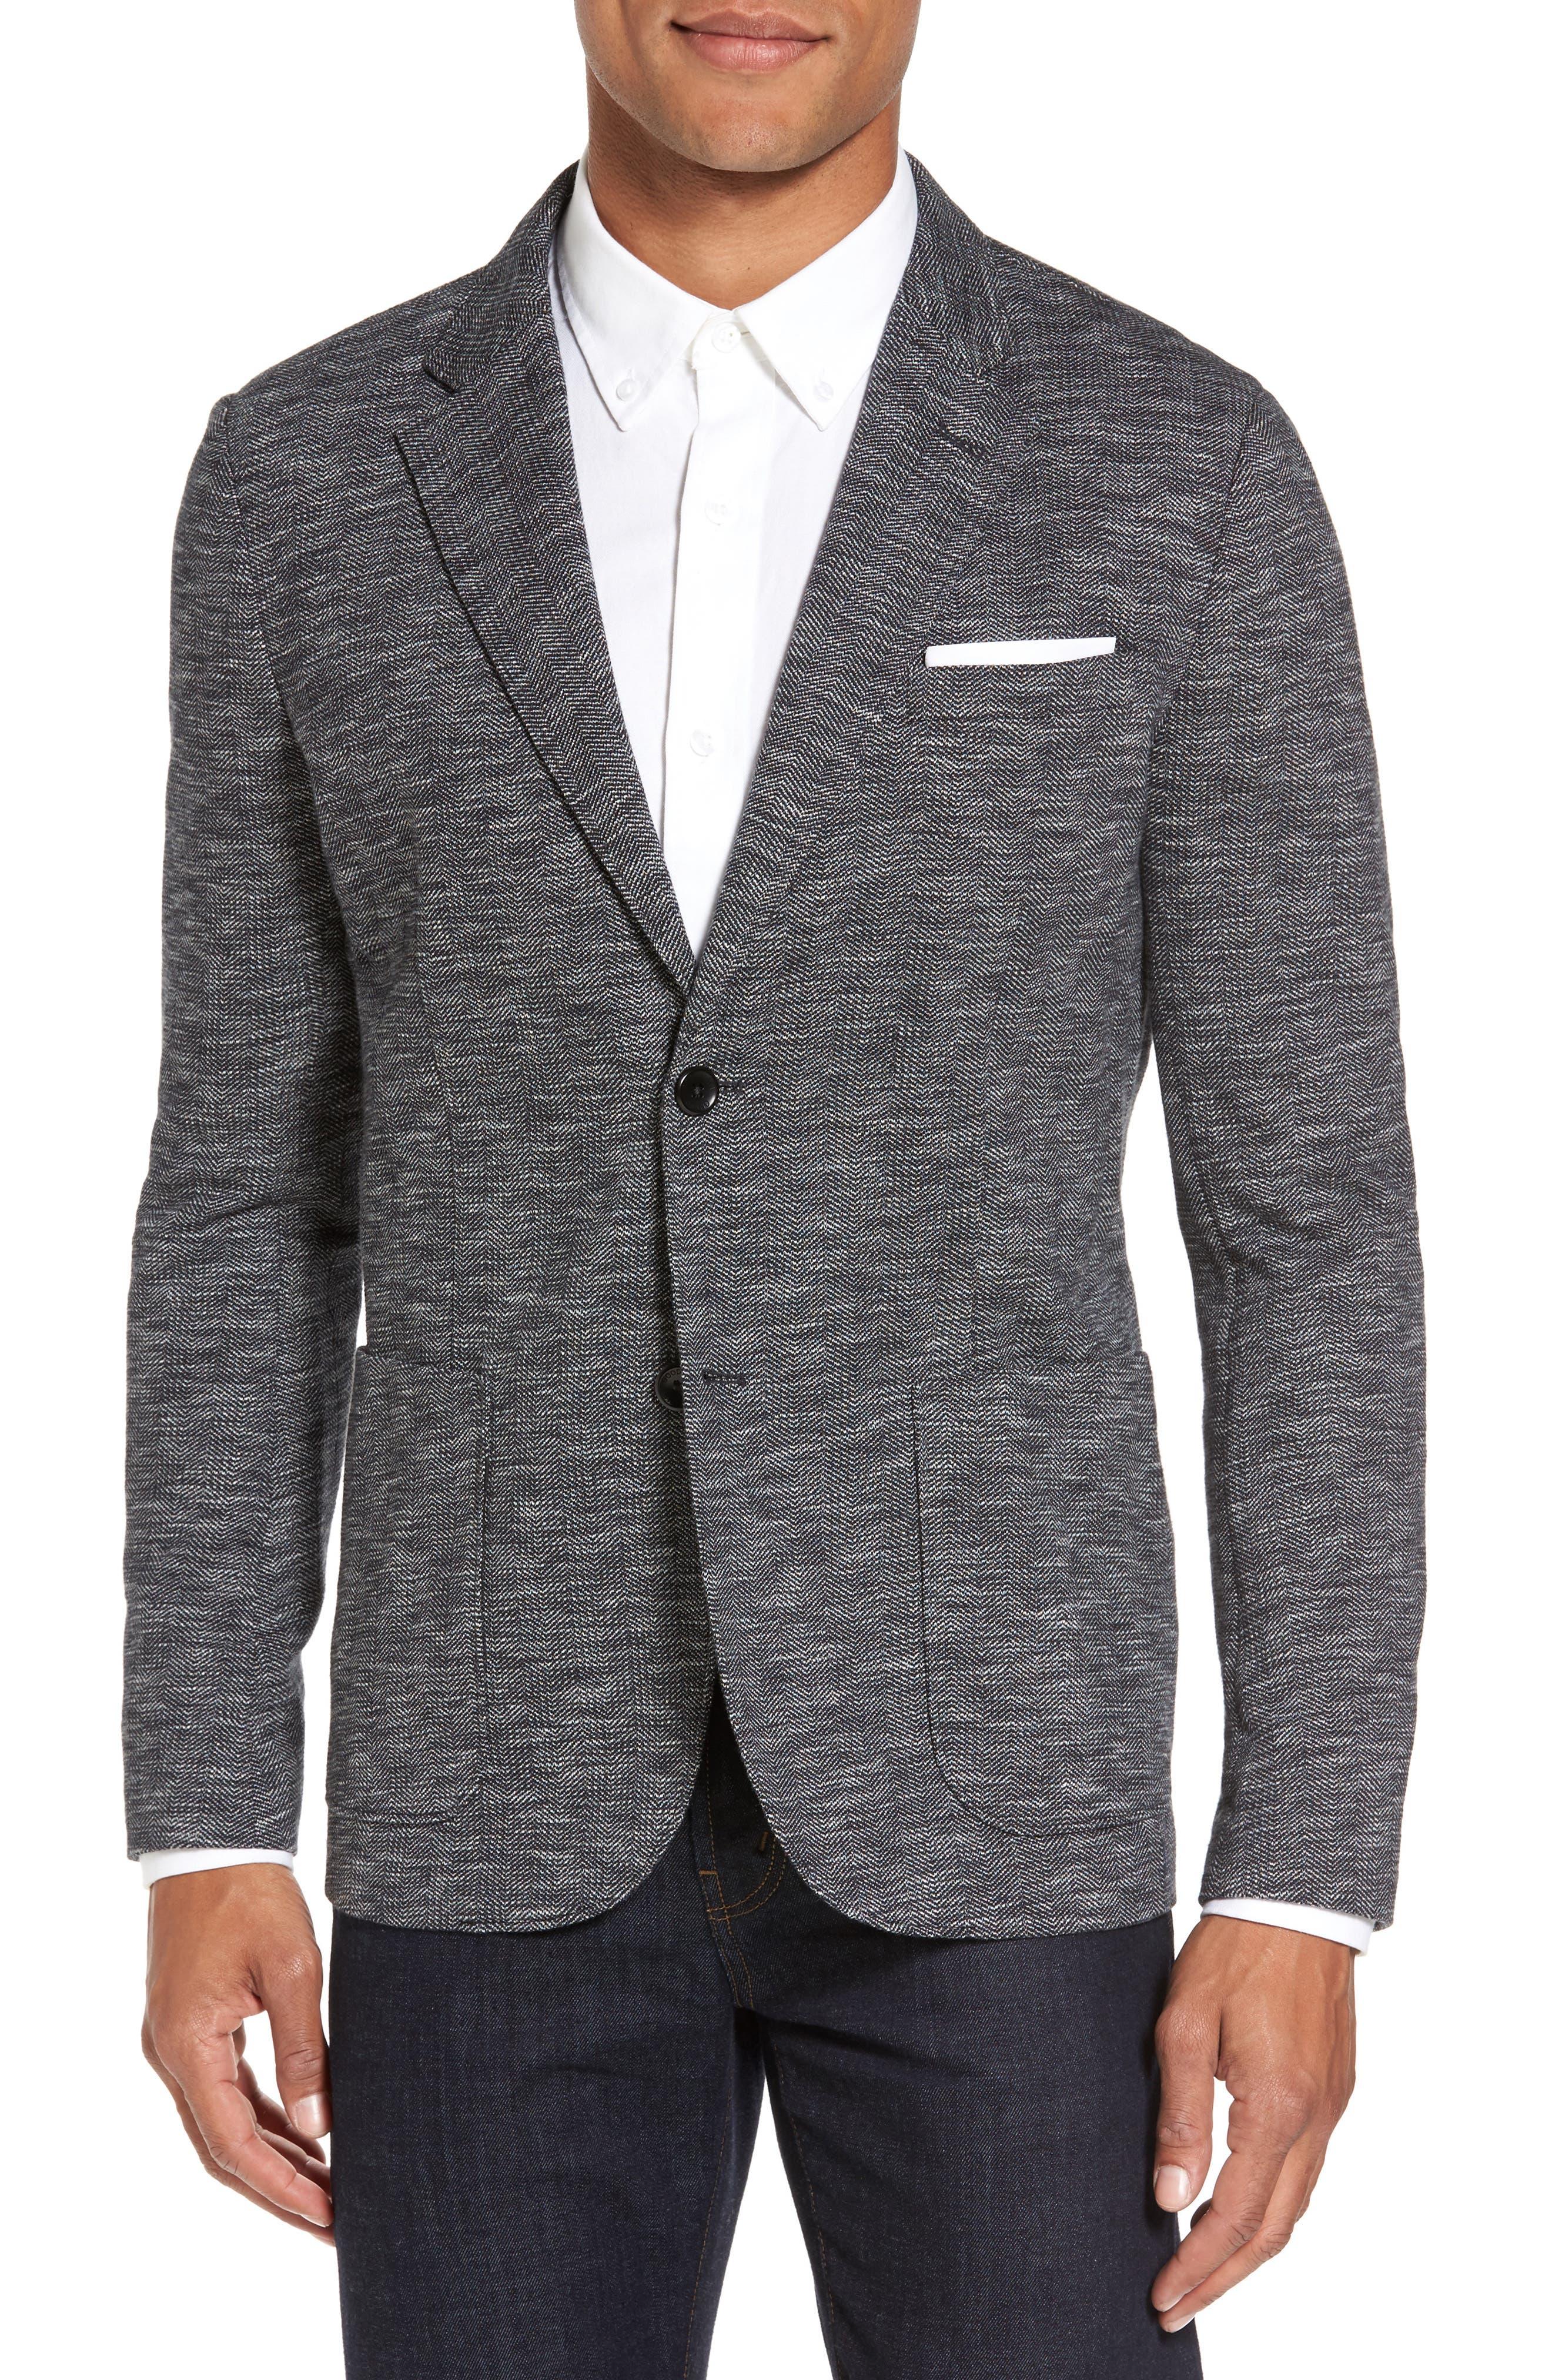 Alternate Image 1 Selected - Good Man Brand Slim Fit Vintage Herringbone Knit Blazer